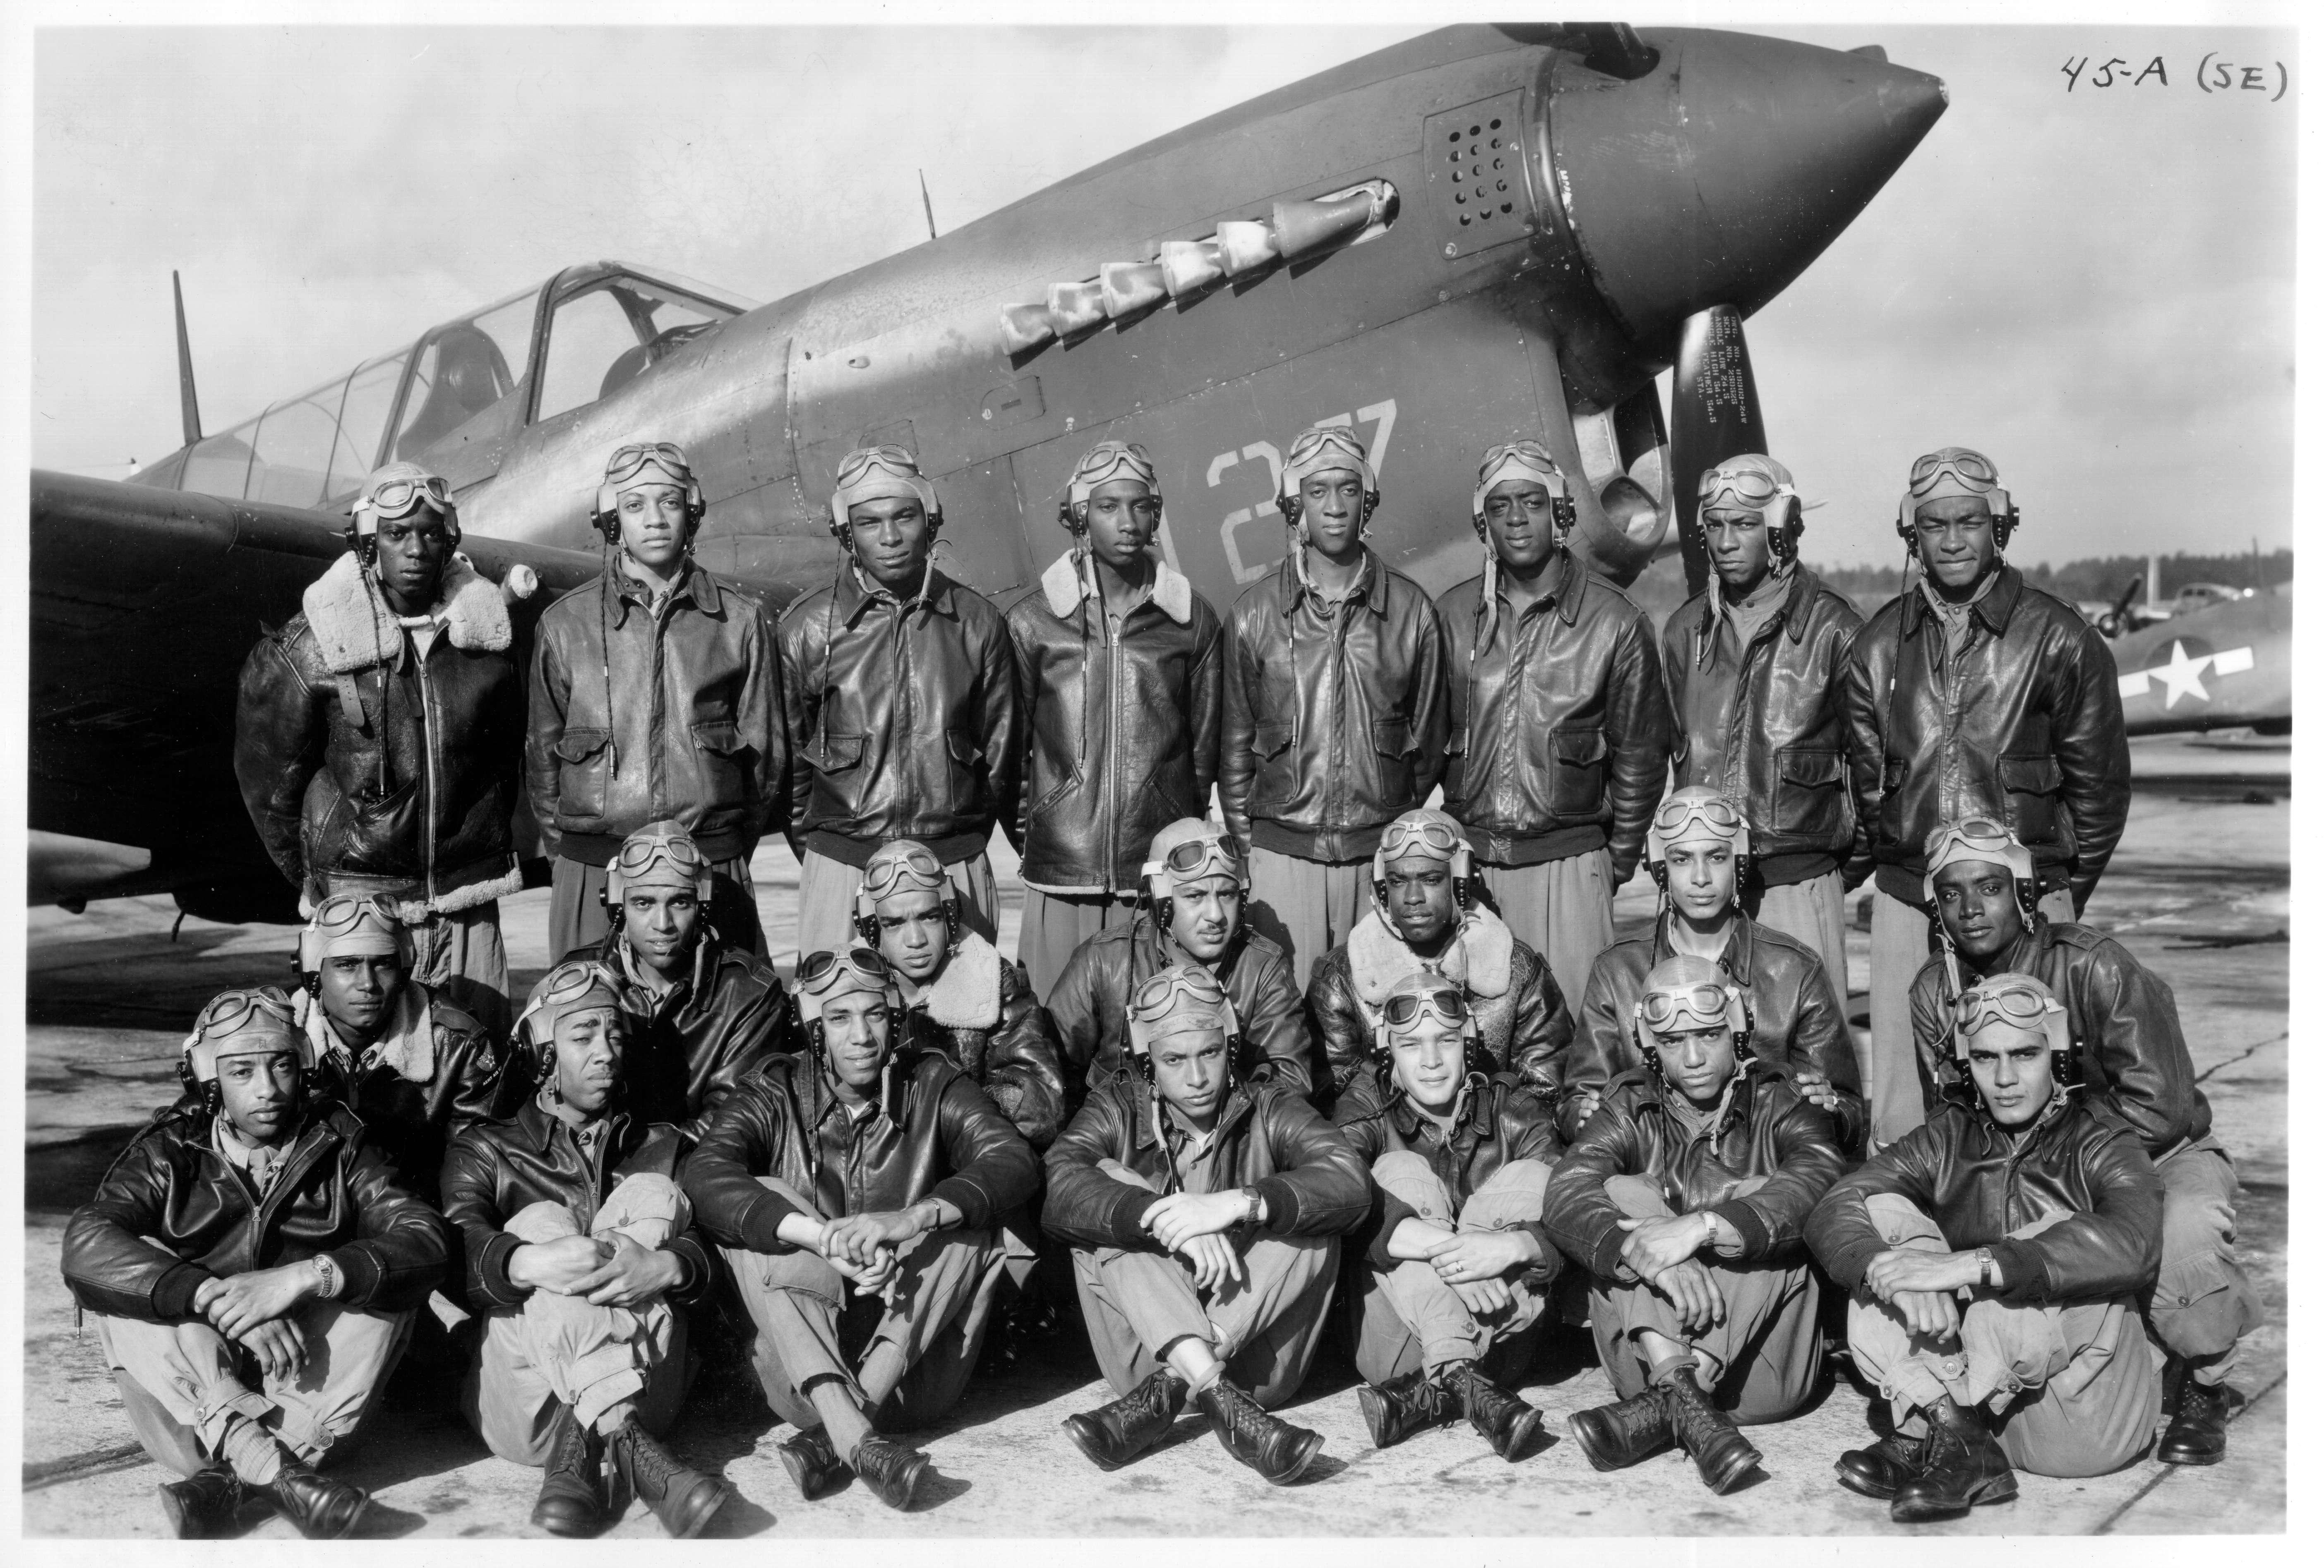 Tuskegee Airmen2.jpg